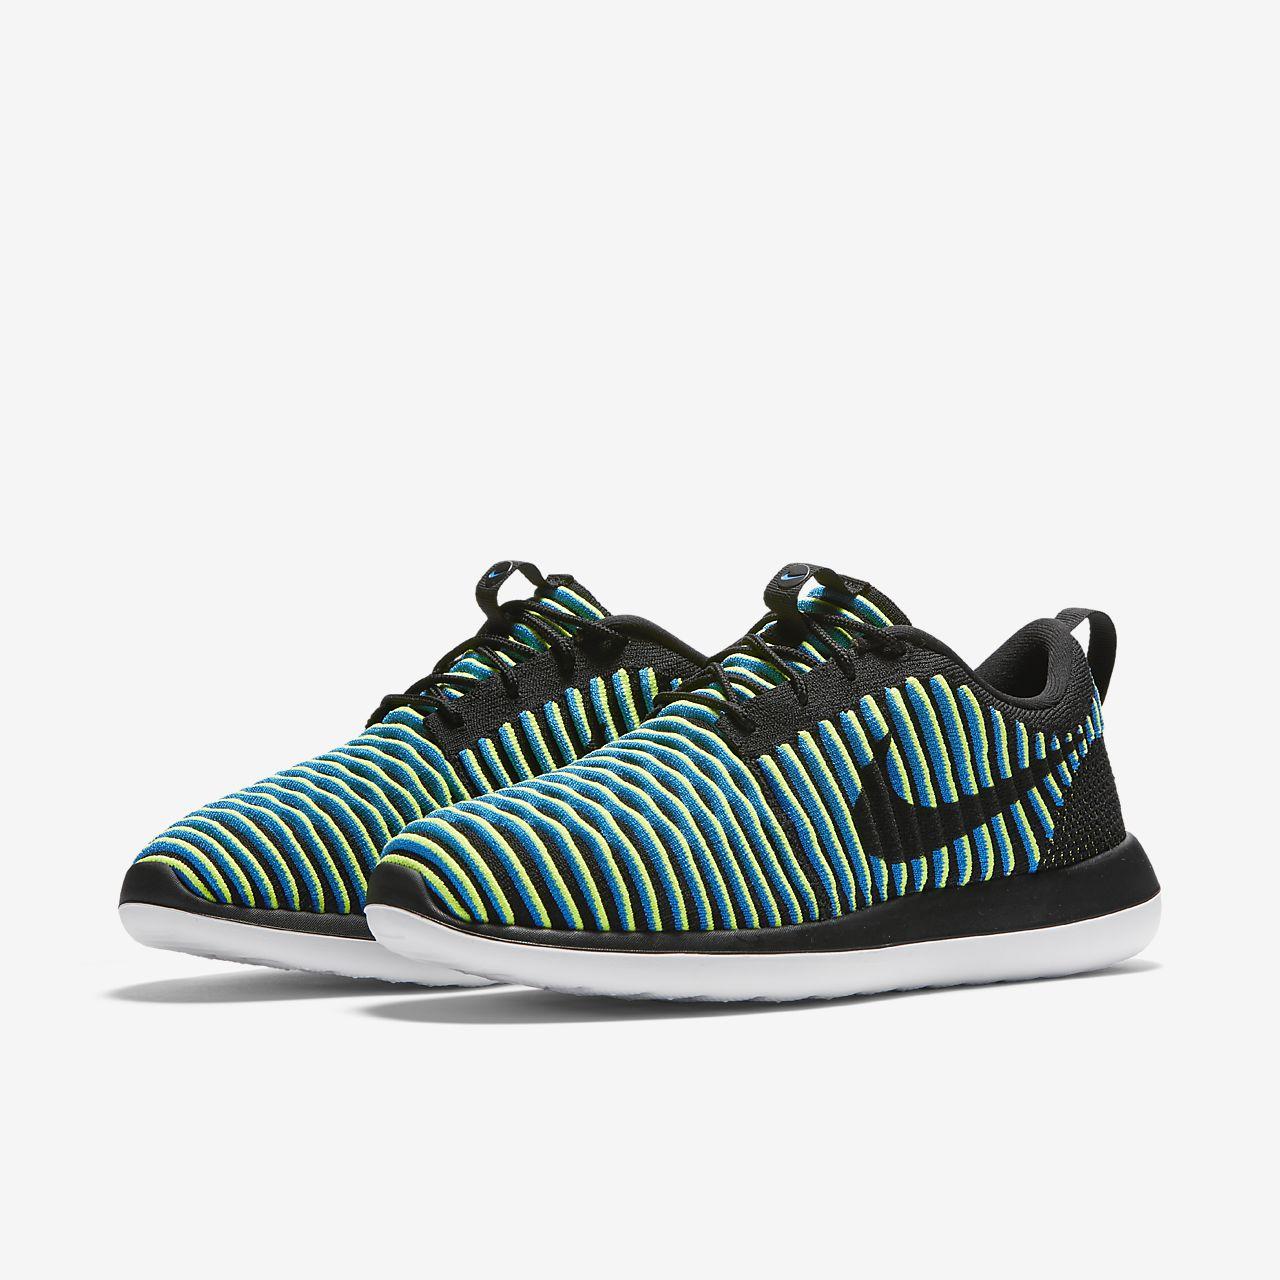 Nike Roshe Flyknit Chaussure Femme $ 120 Cheesesteak